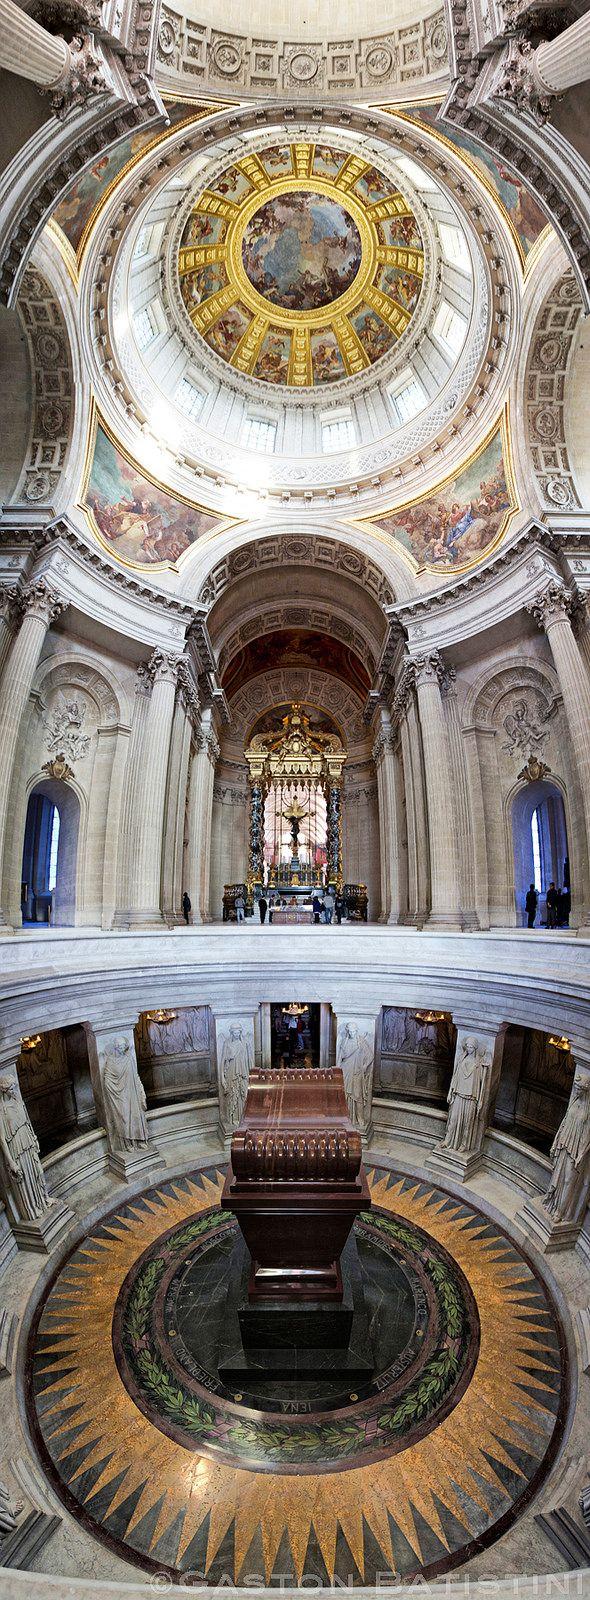 Dôme des Invalides, tombeau de Napoléon Ier, Paris, France   Flickr - Photo Sharing!